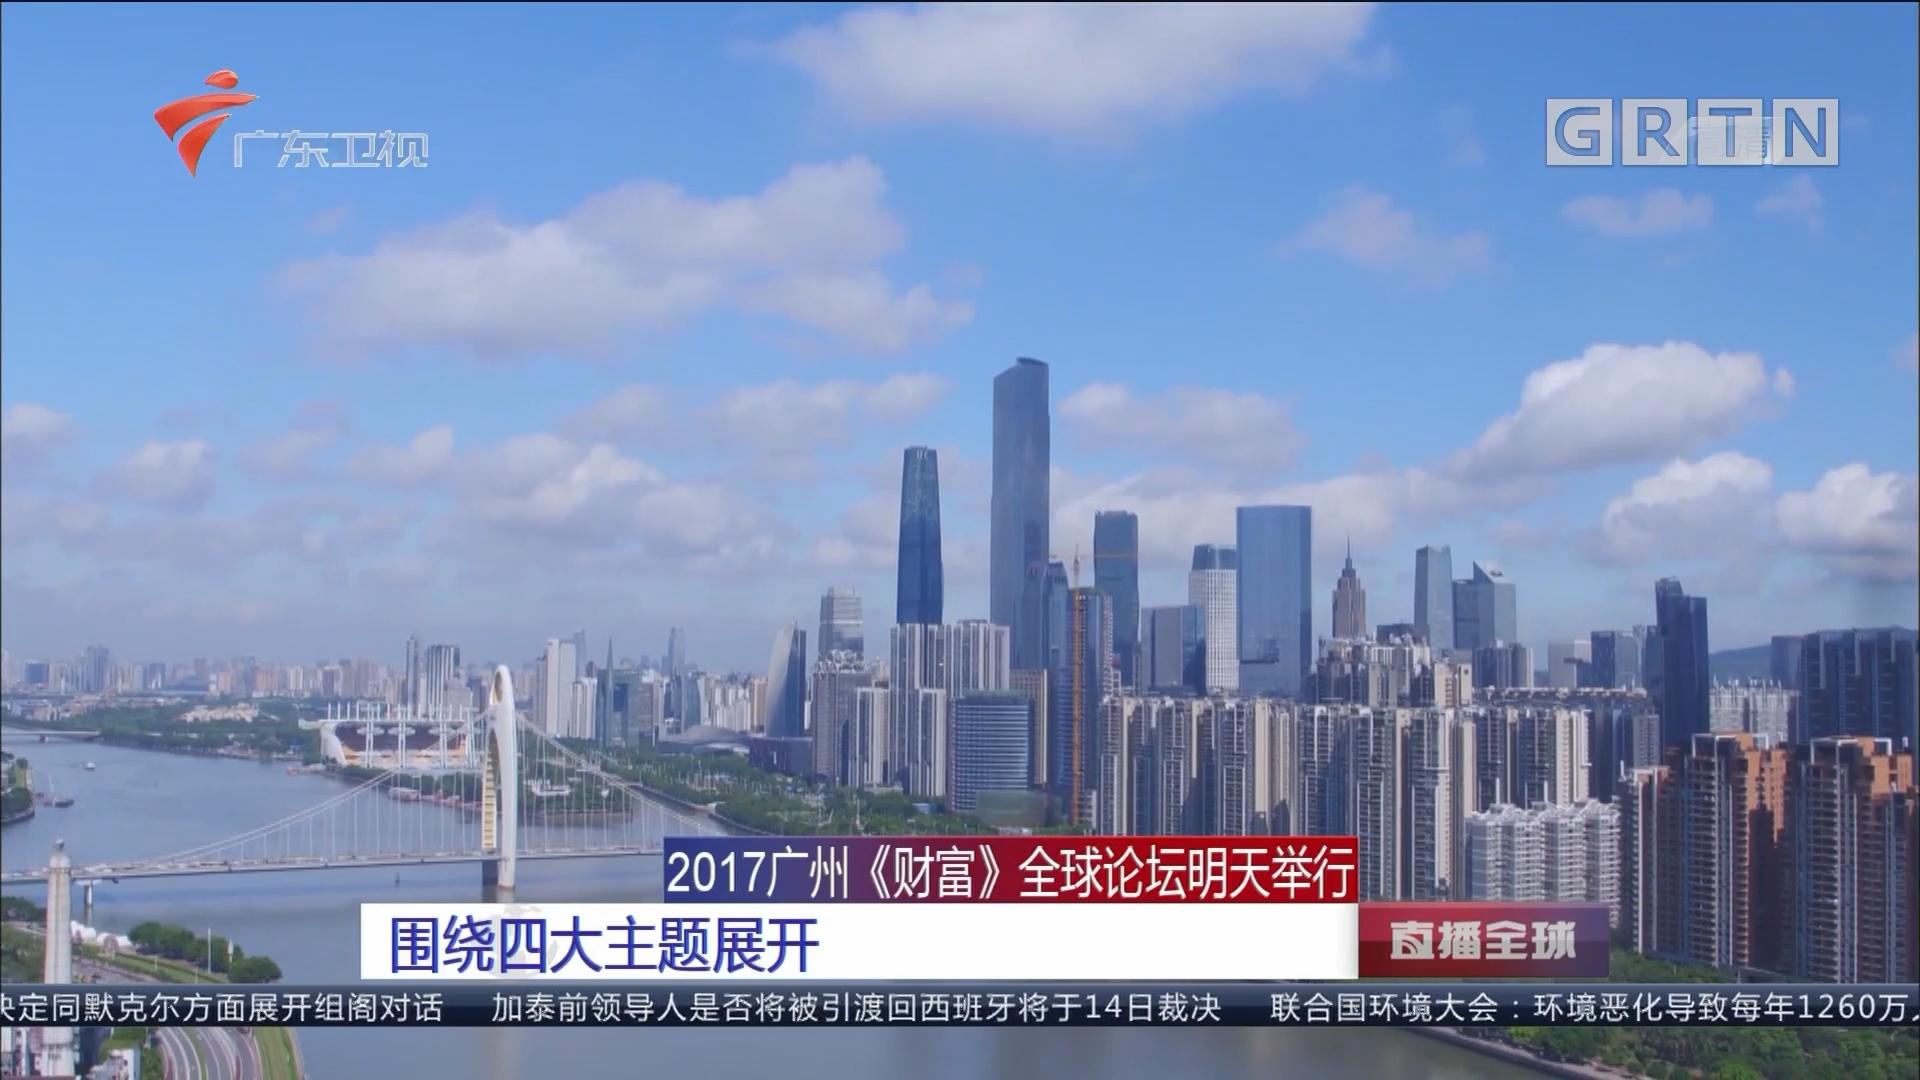 2017广州《财富》全球论坛明天举行:围绕四大主题展开